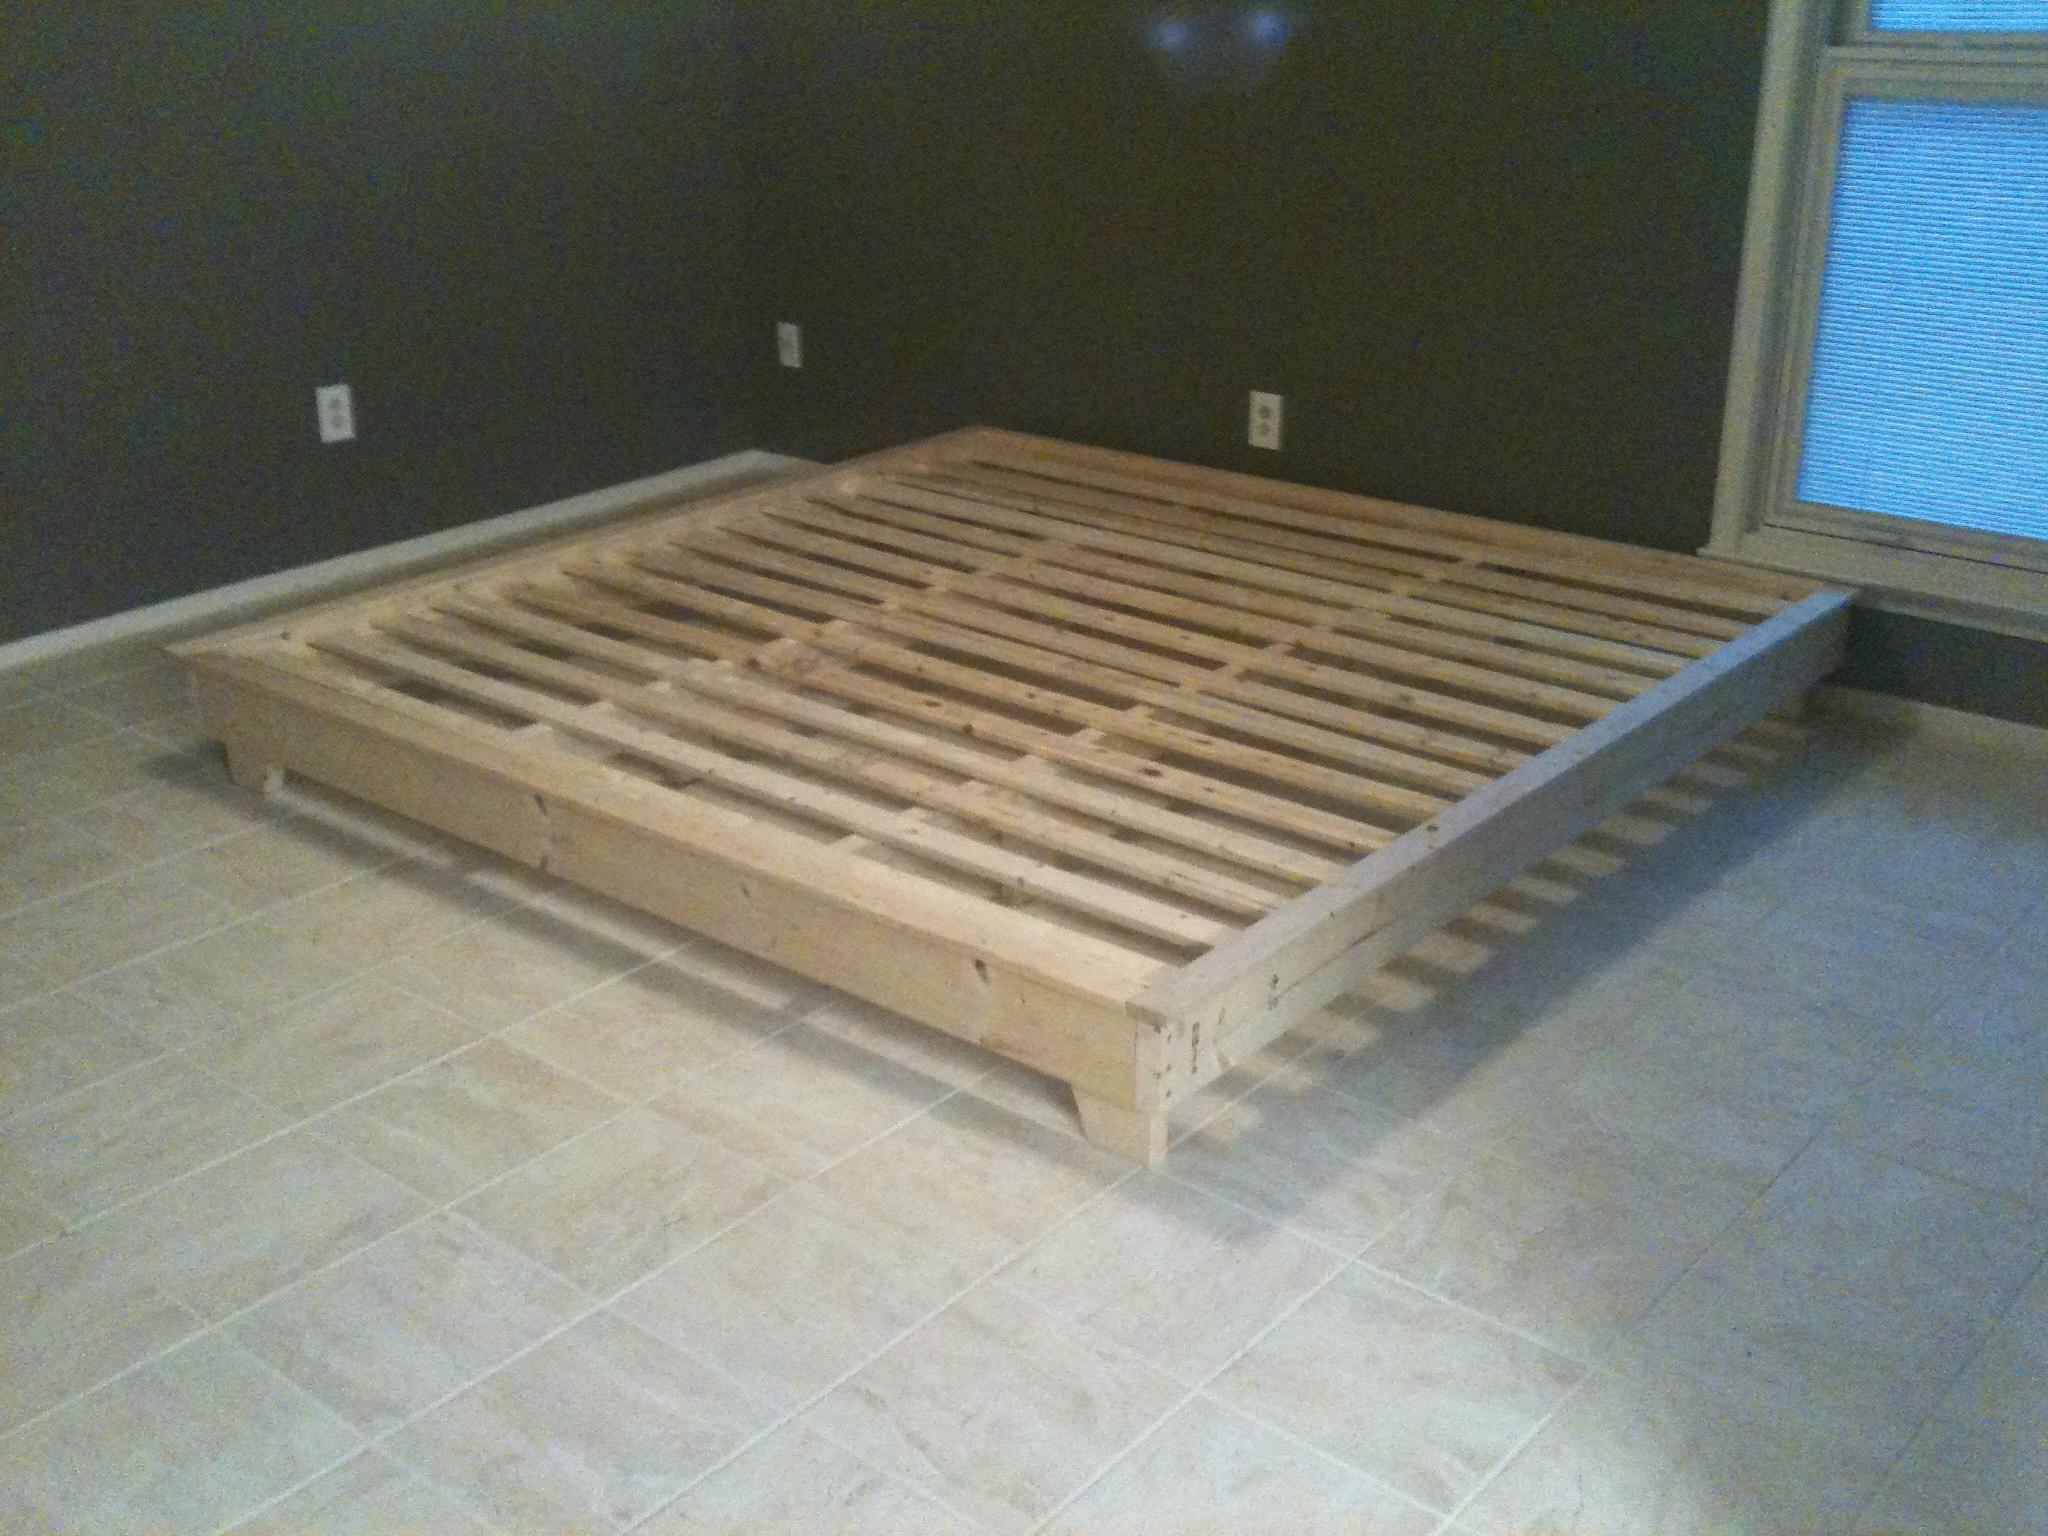 Diy Platform Bed Plans | BED PLANS DIY & BLUEPRINTS